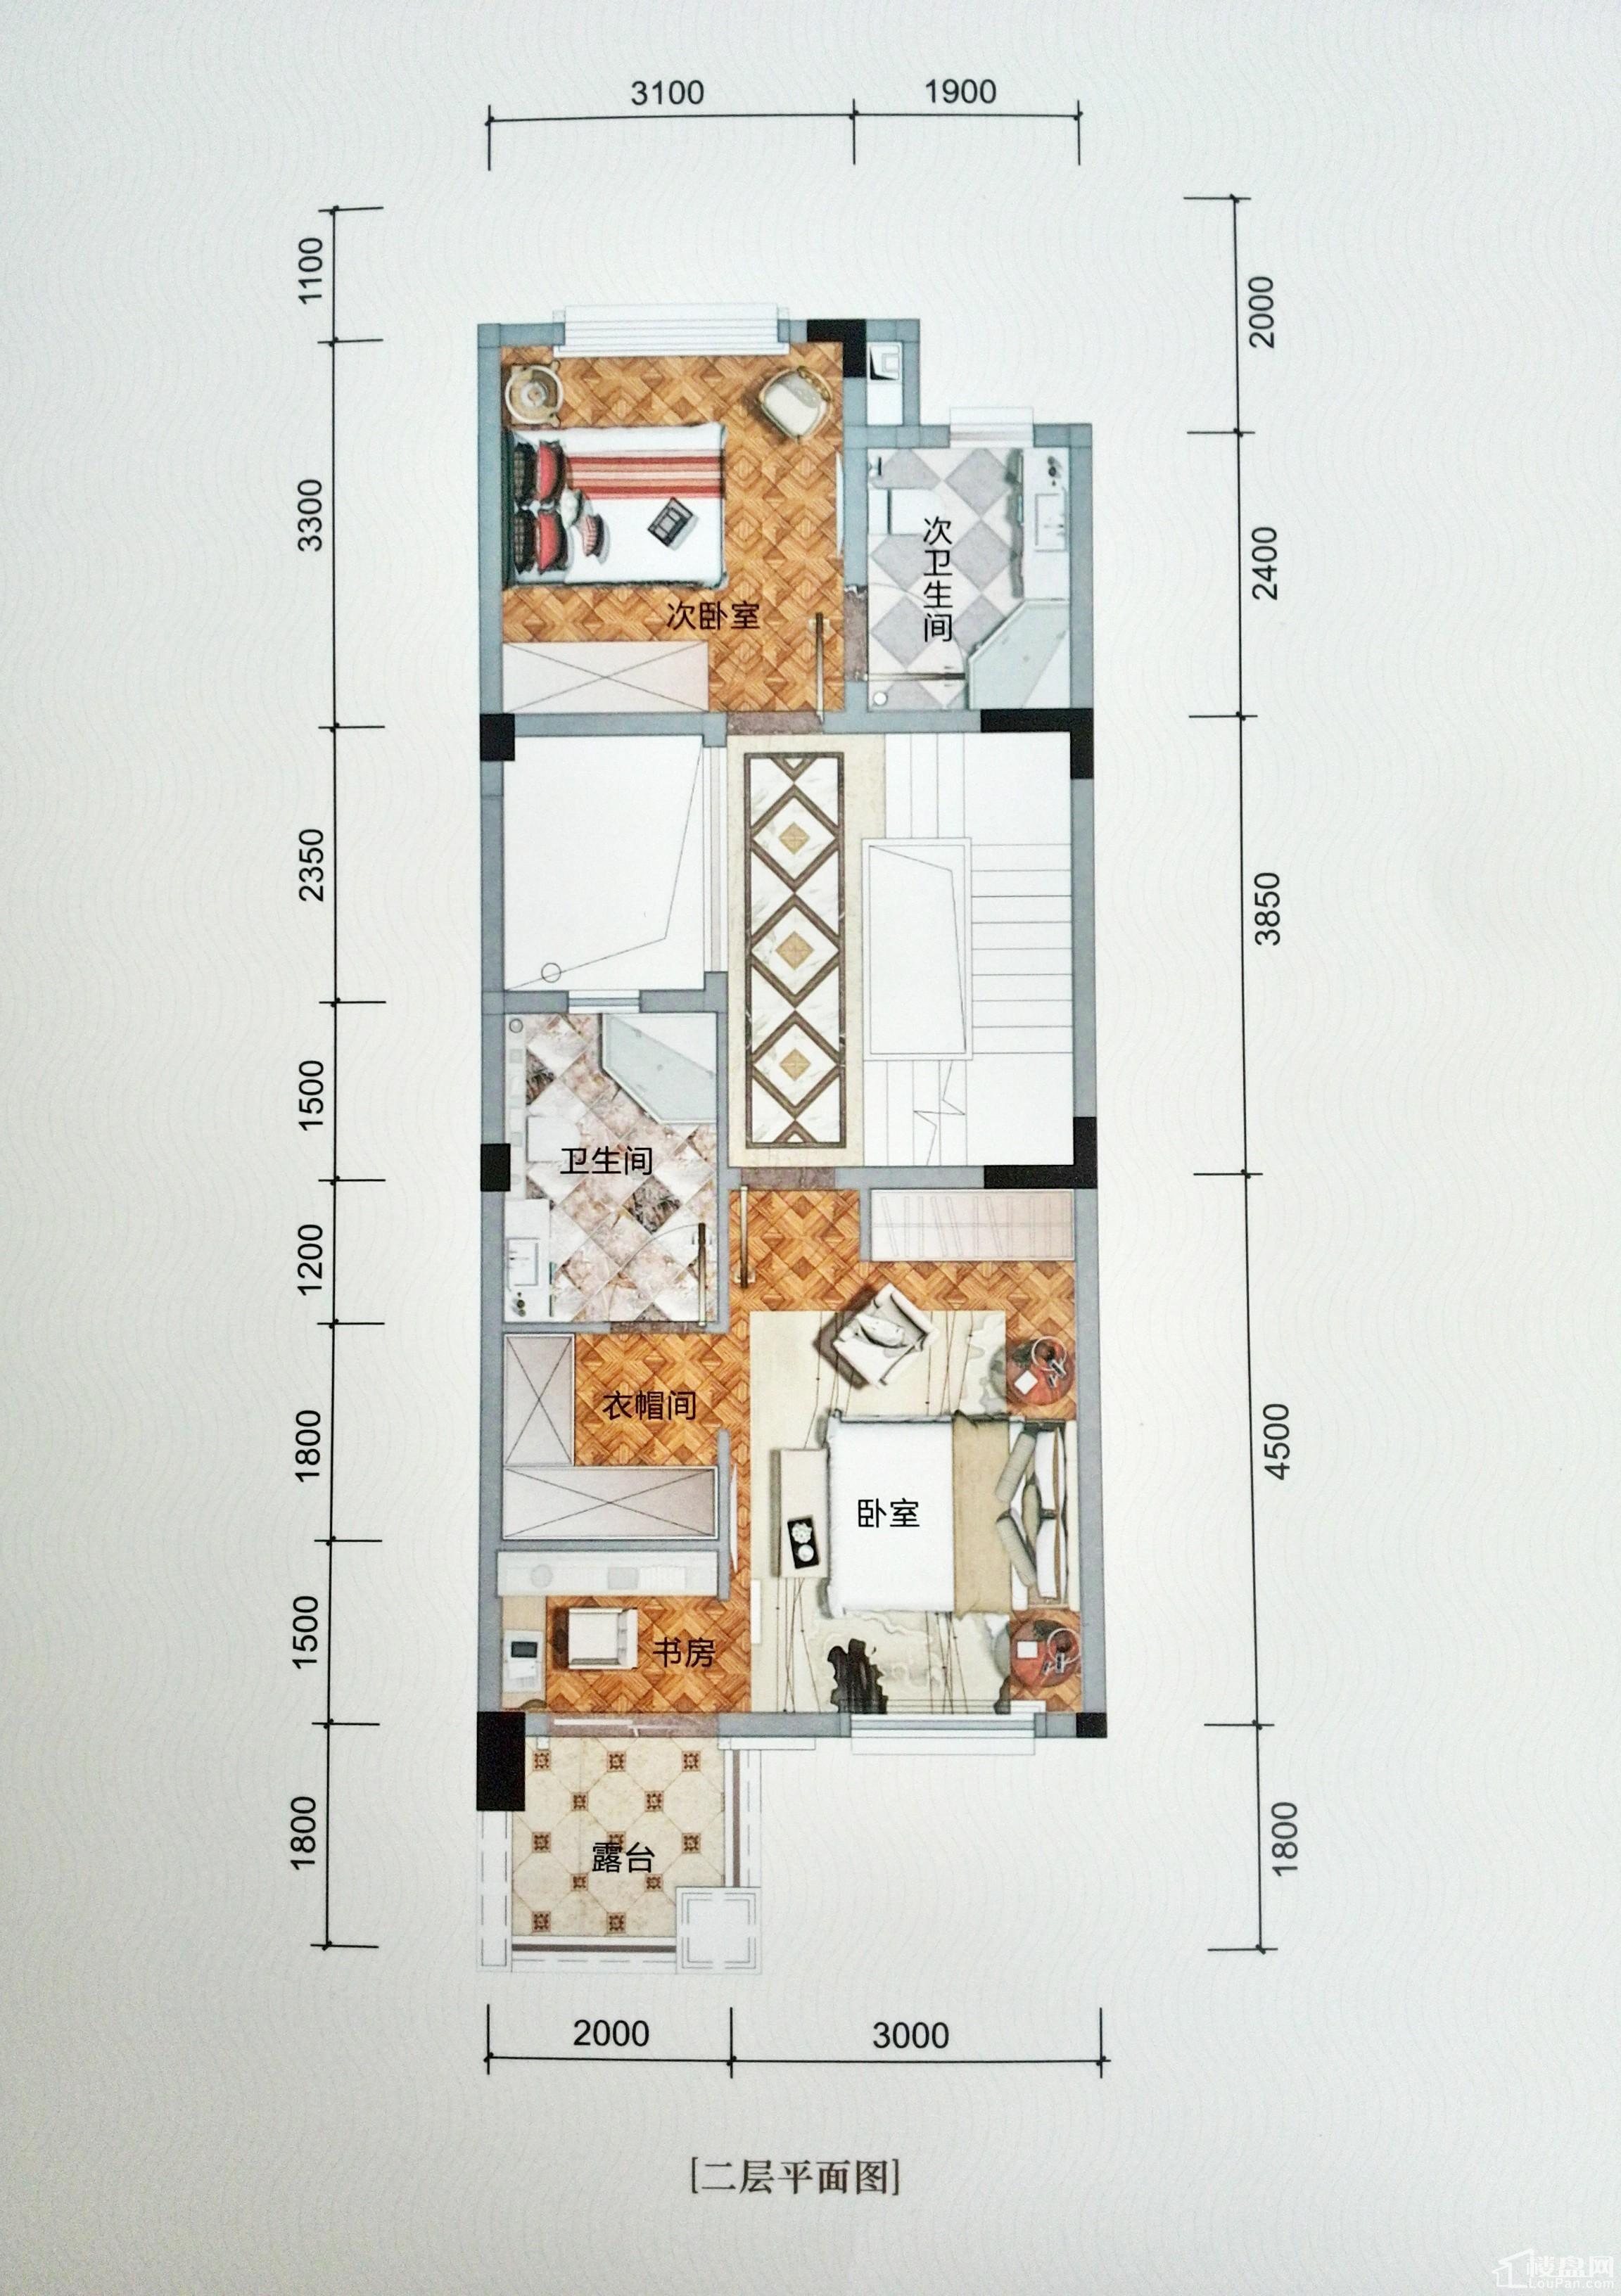 英郦庄园桥郡A2层户型图